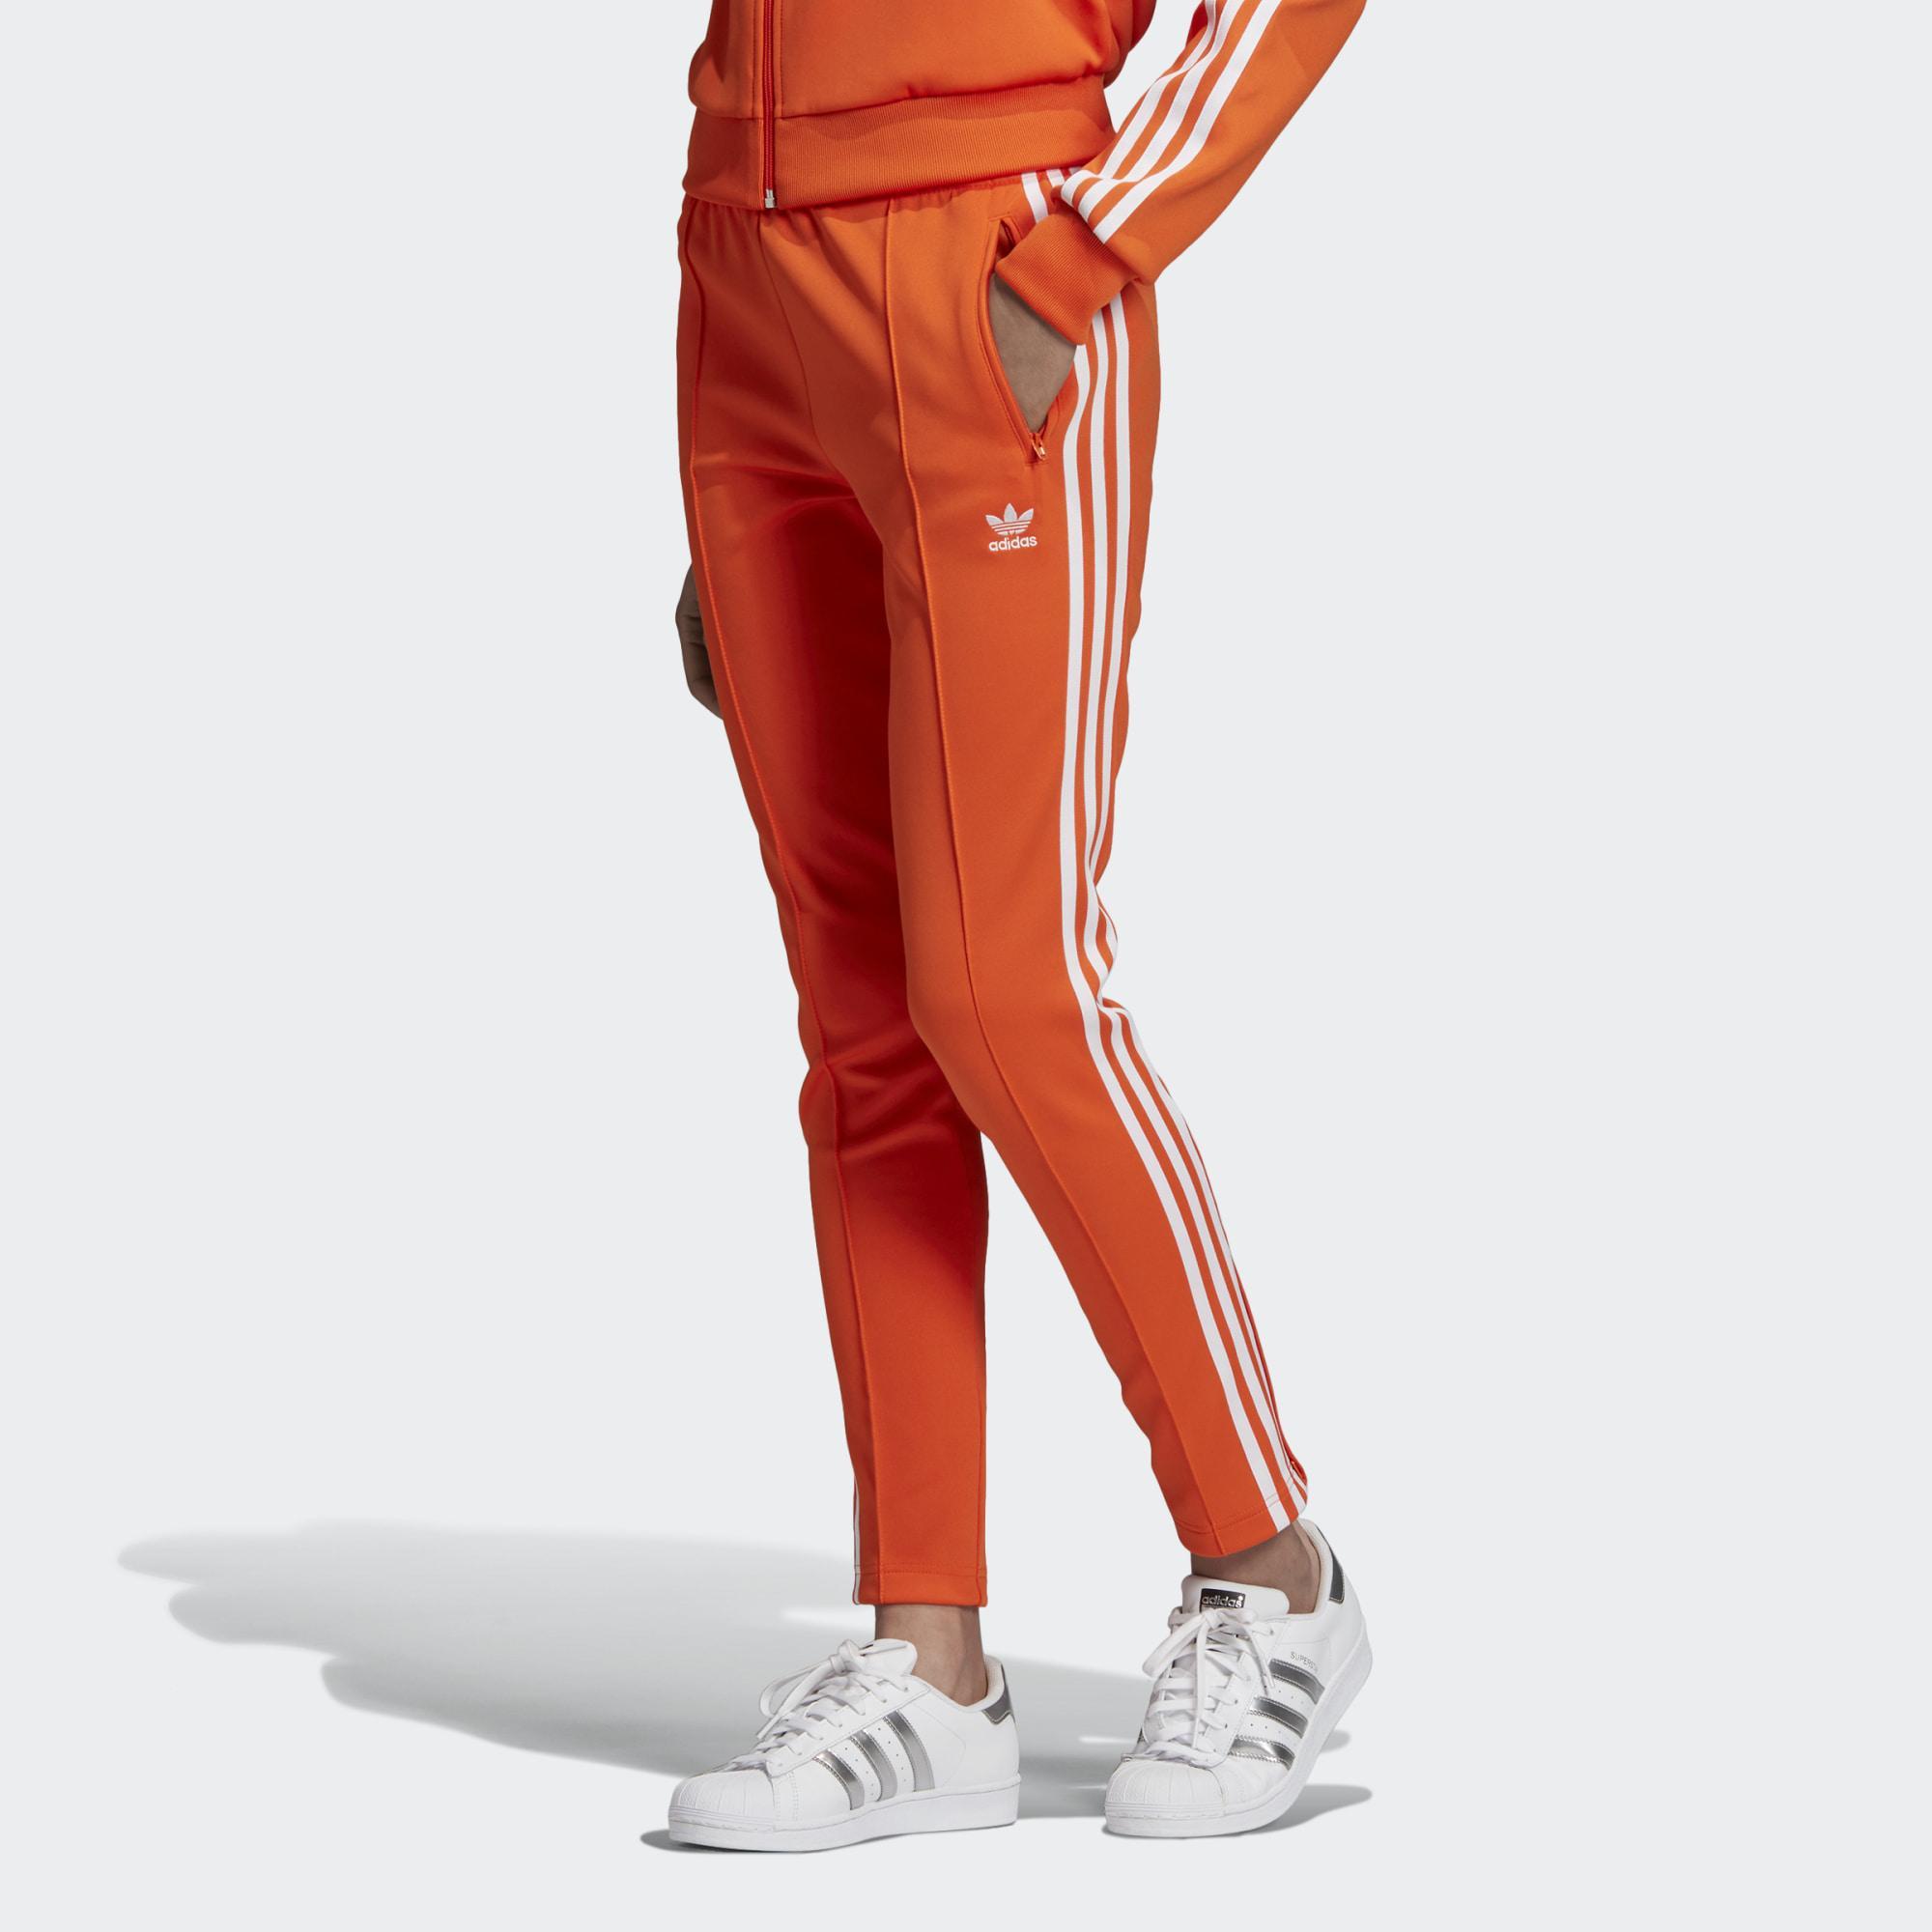 مشتبه فيه تعليق نص adidas oranje broek